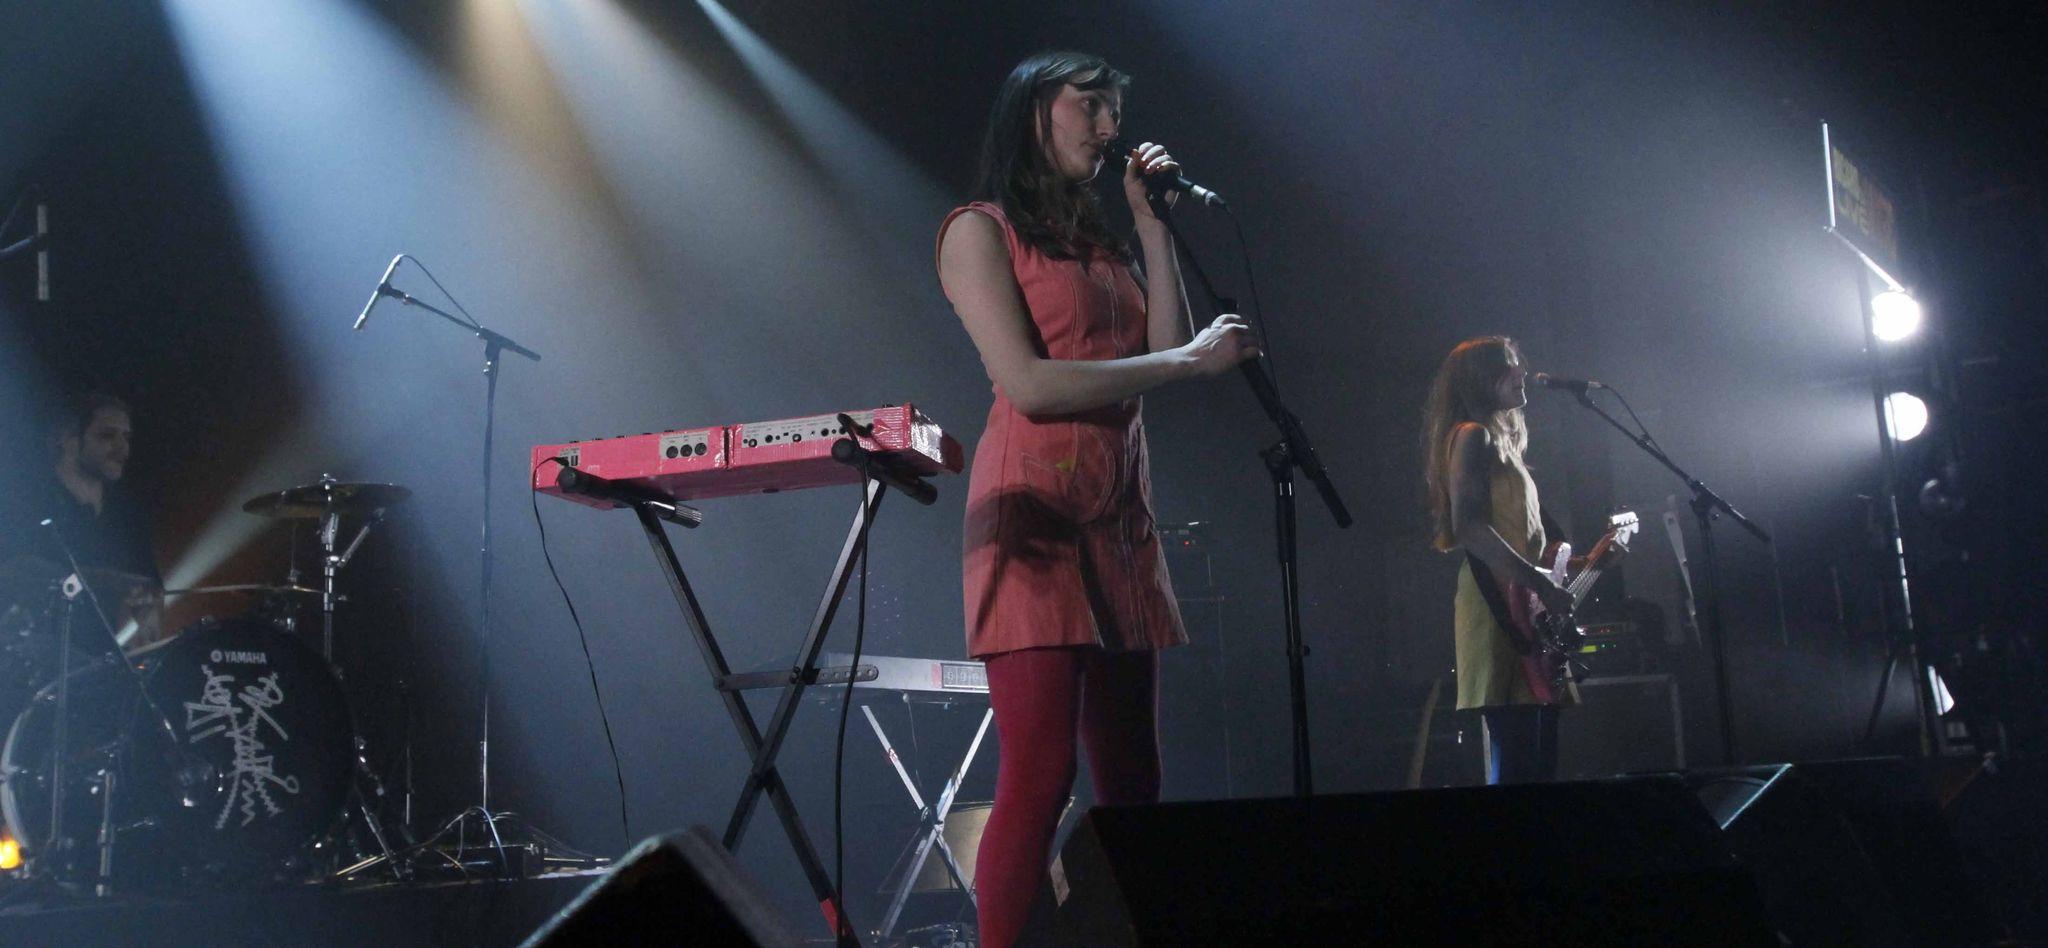 Lolito-Aeronef-Lille-2013-103